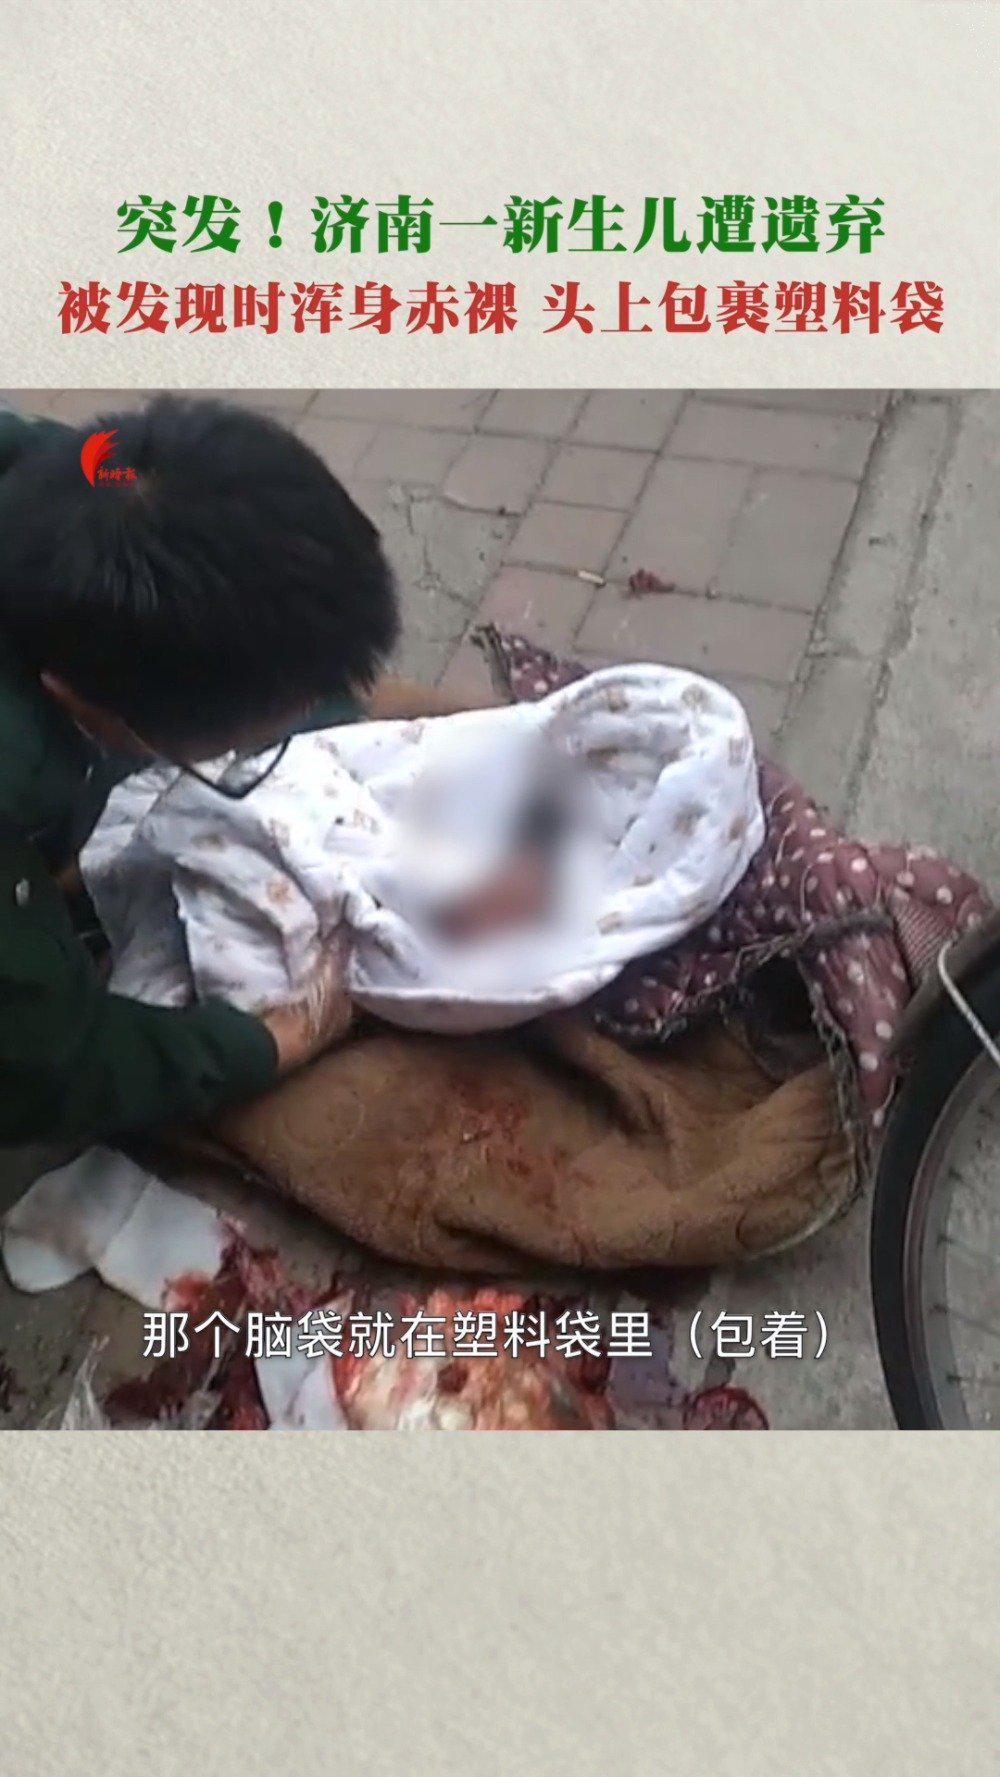 突发!济南一新生儿遭遗弃被发现时浑身赤裸,头部裹着塑料袋